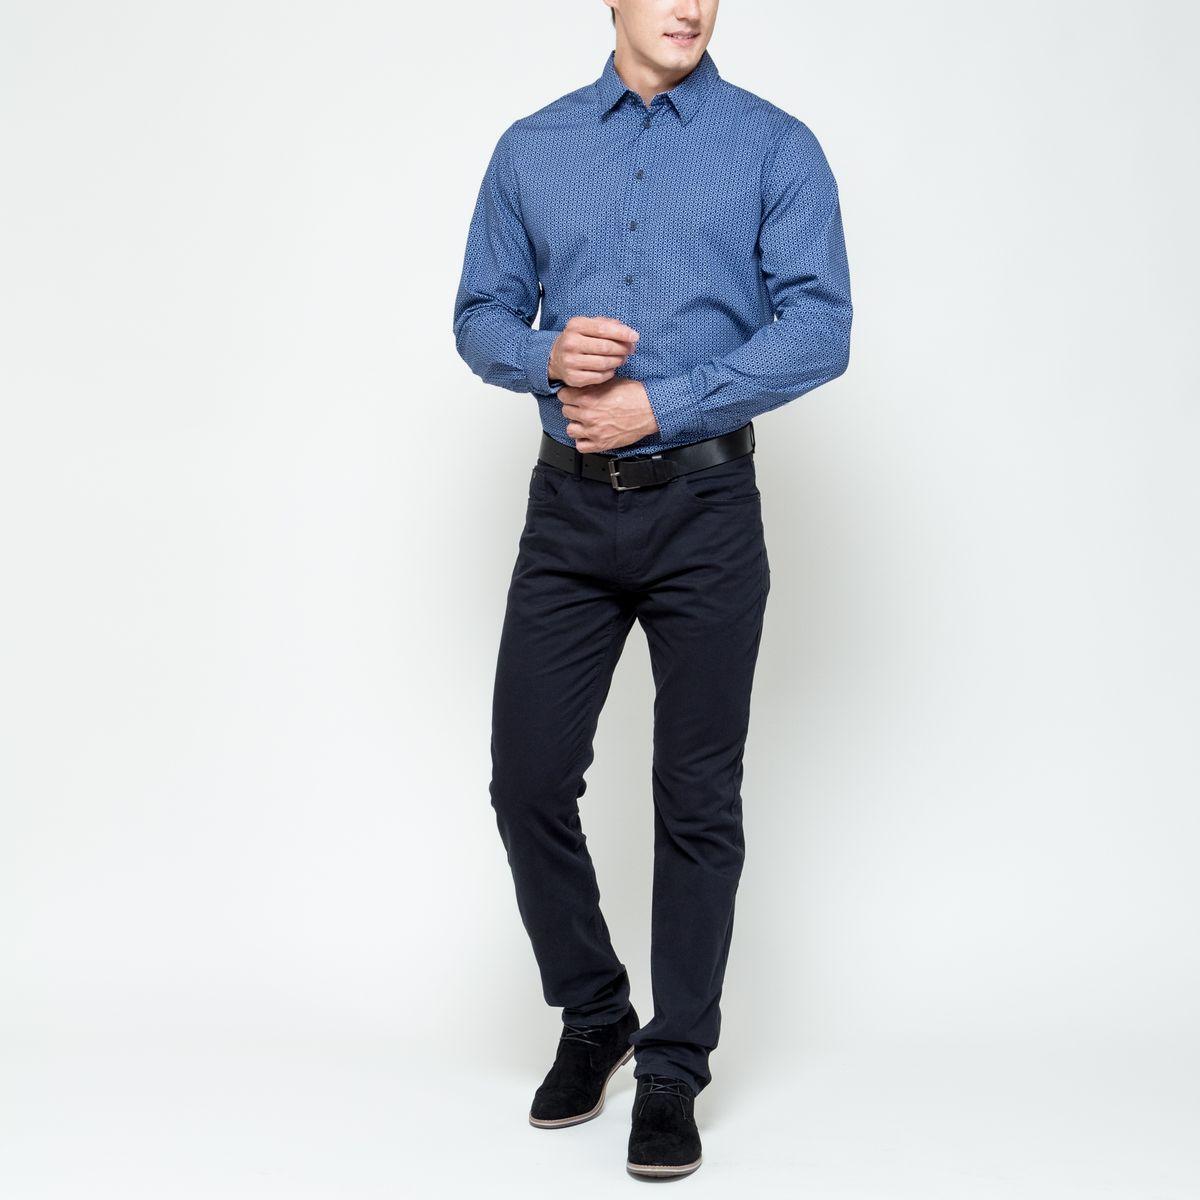 РубашкаH-212/697-6322Стильная мужская рубашка Sela Casual Wear, выполненная из натурального хлопка, позволяет коже дышать, тем самым обеспечивая наибольший комфорт при носке. Модель классического кроя с отложным воротником и длинными рукавами застегивается на пуговицы по всей длине. Модель оформлена оригинальным принтом. Манжеты рукавов дополнены застежками-пуговицами.